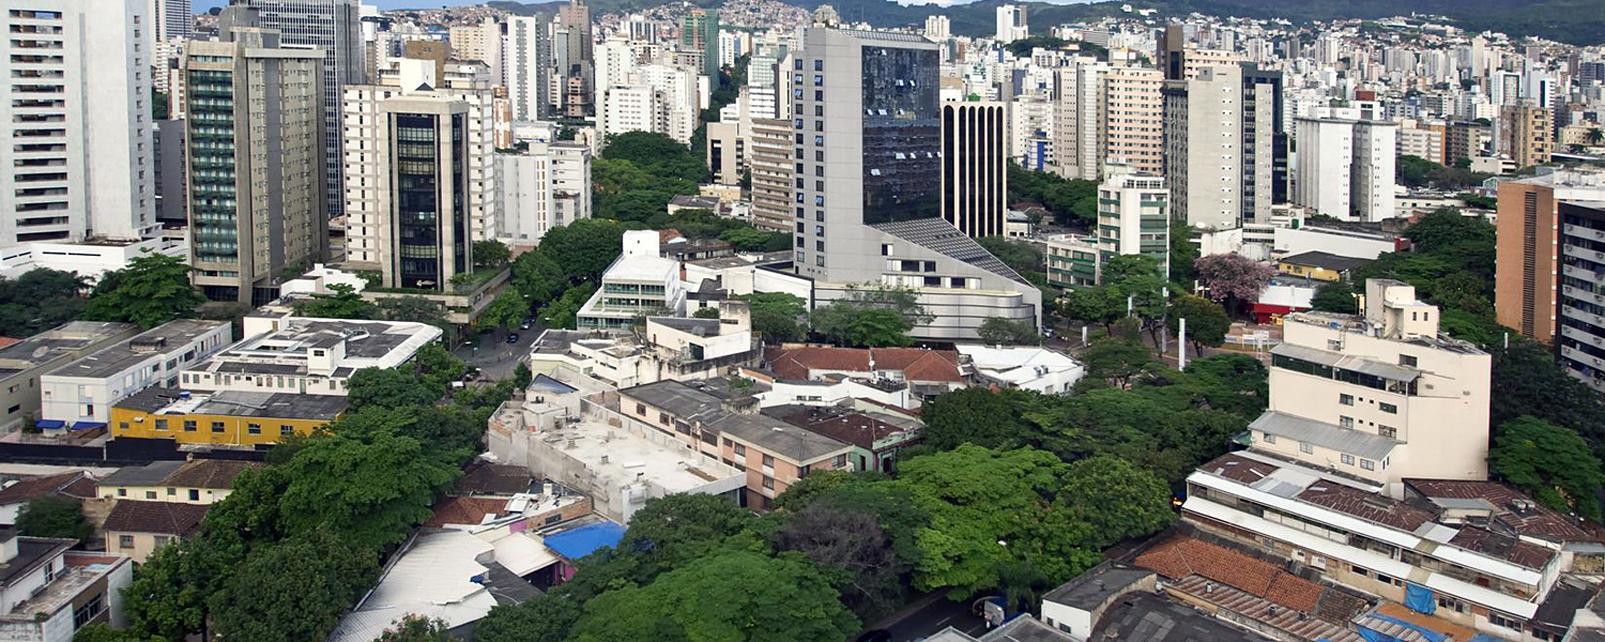 Amérique; Amérique du Sud; Brésil; Belo Horizonte;